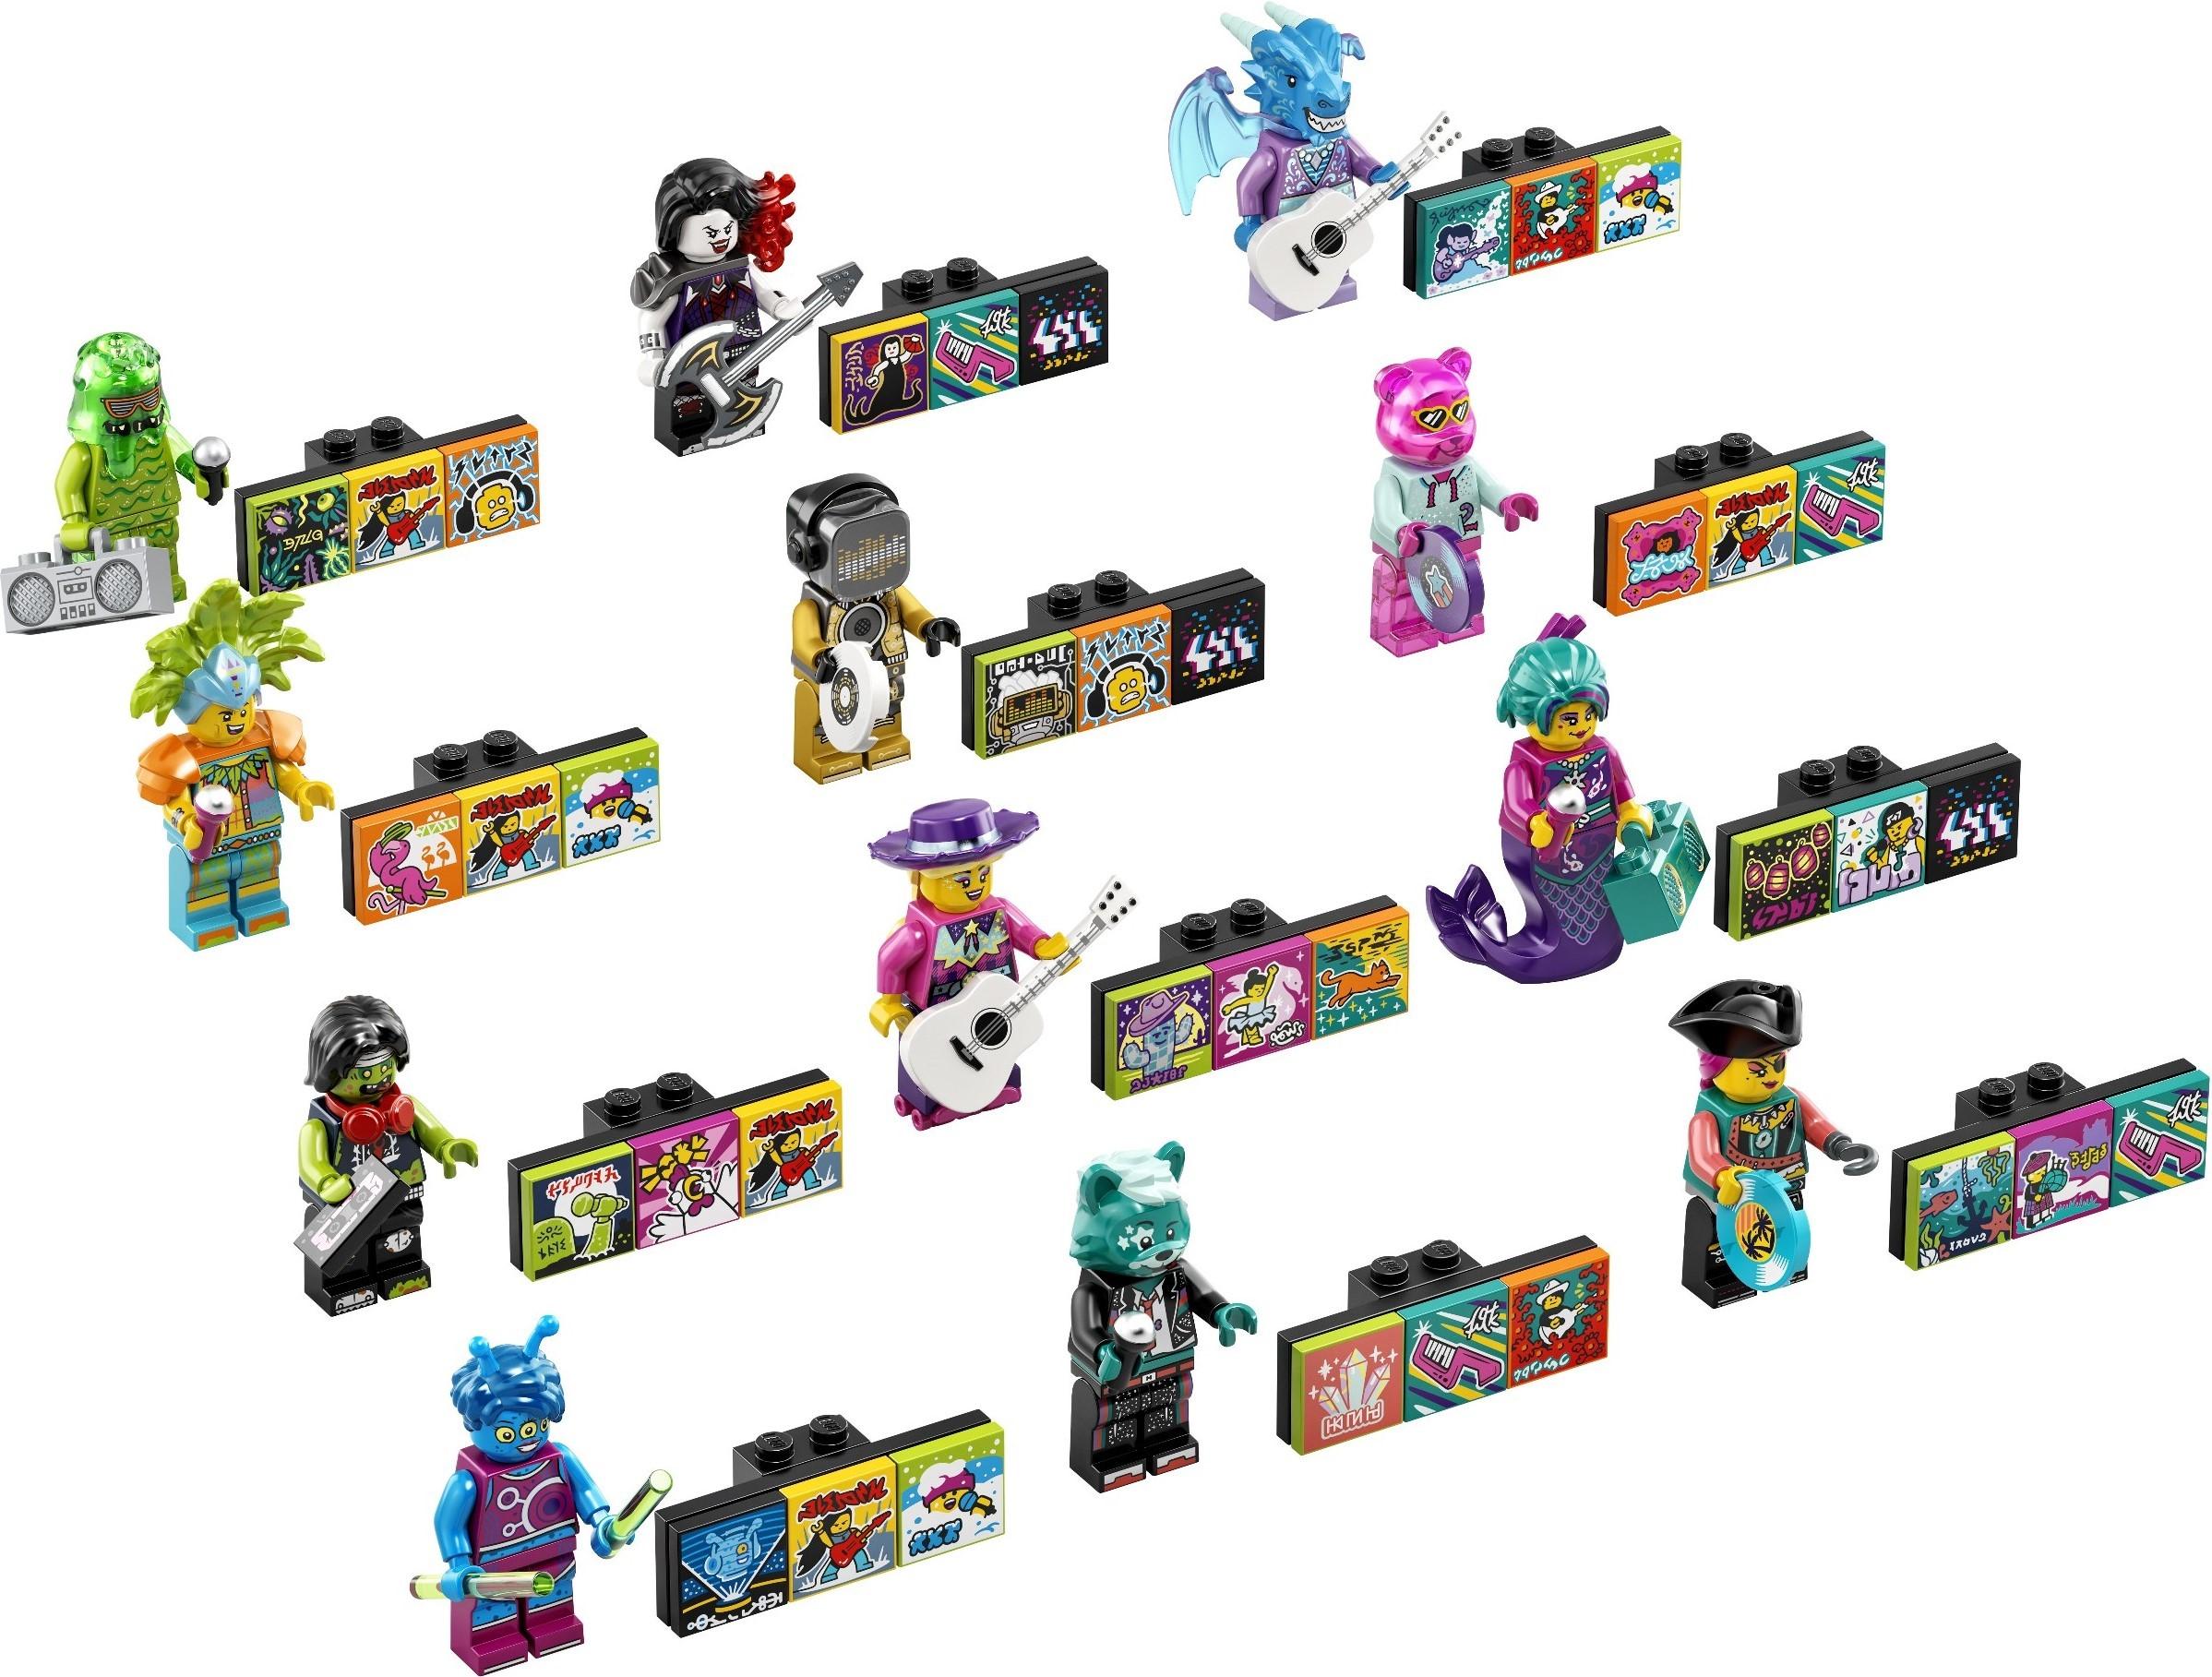 6月1日発売レゴVIDIYO新製品情報:ミュージックビデオを作る音楽シリーズ!(2021)